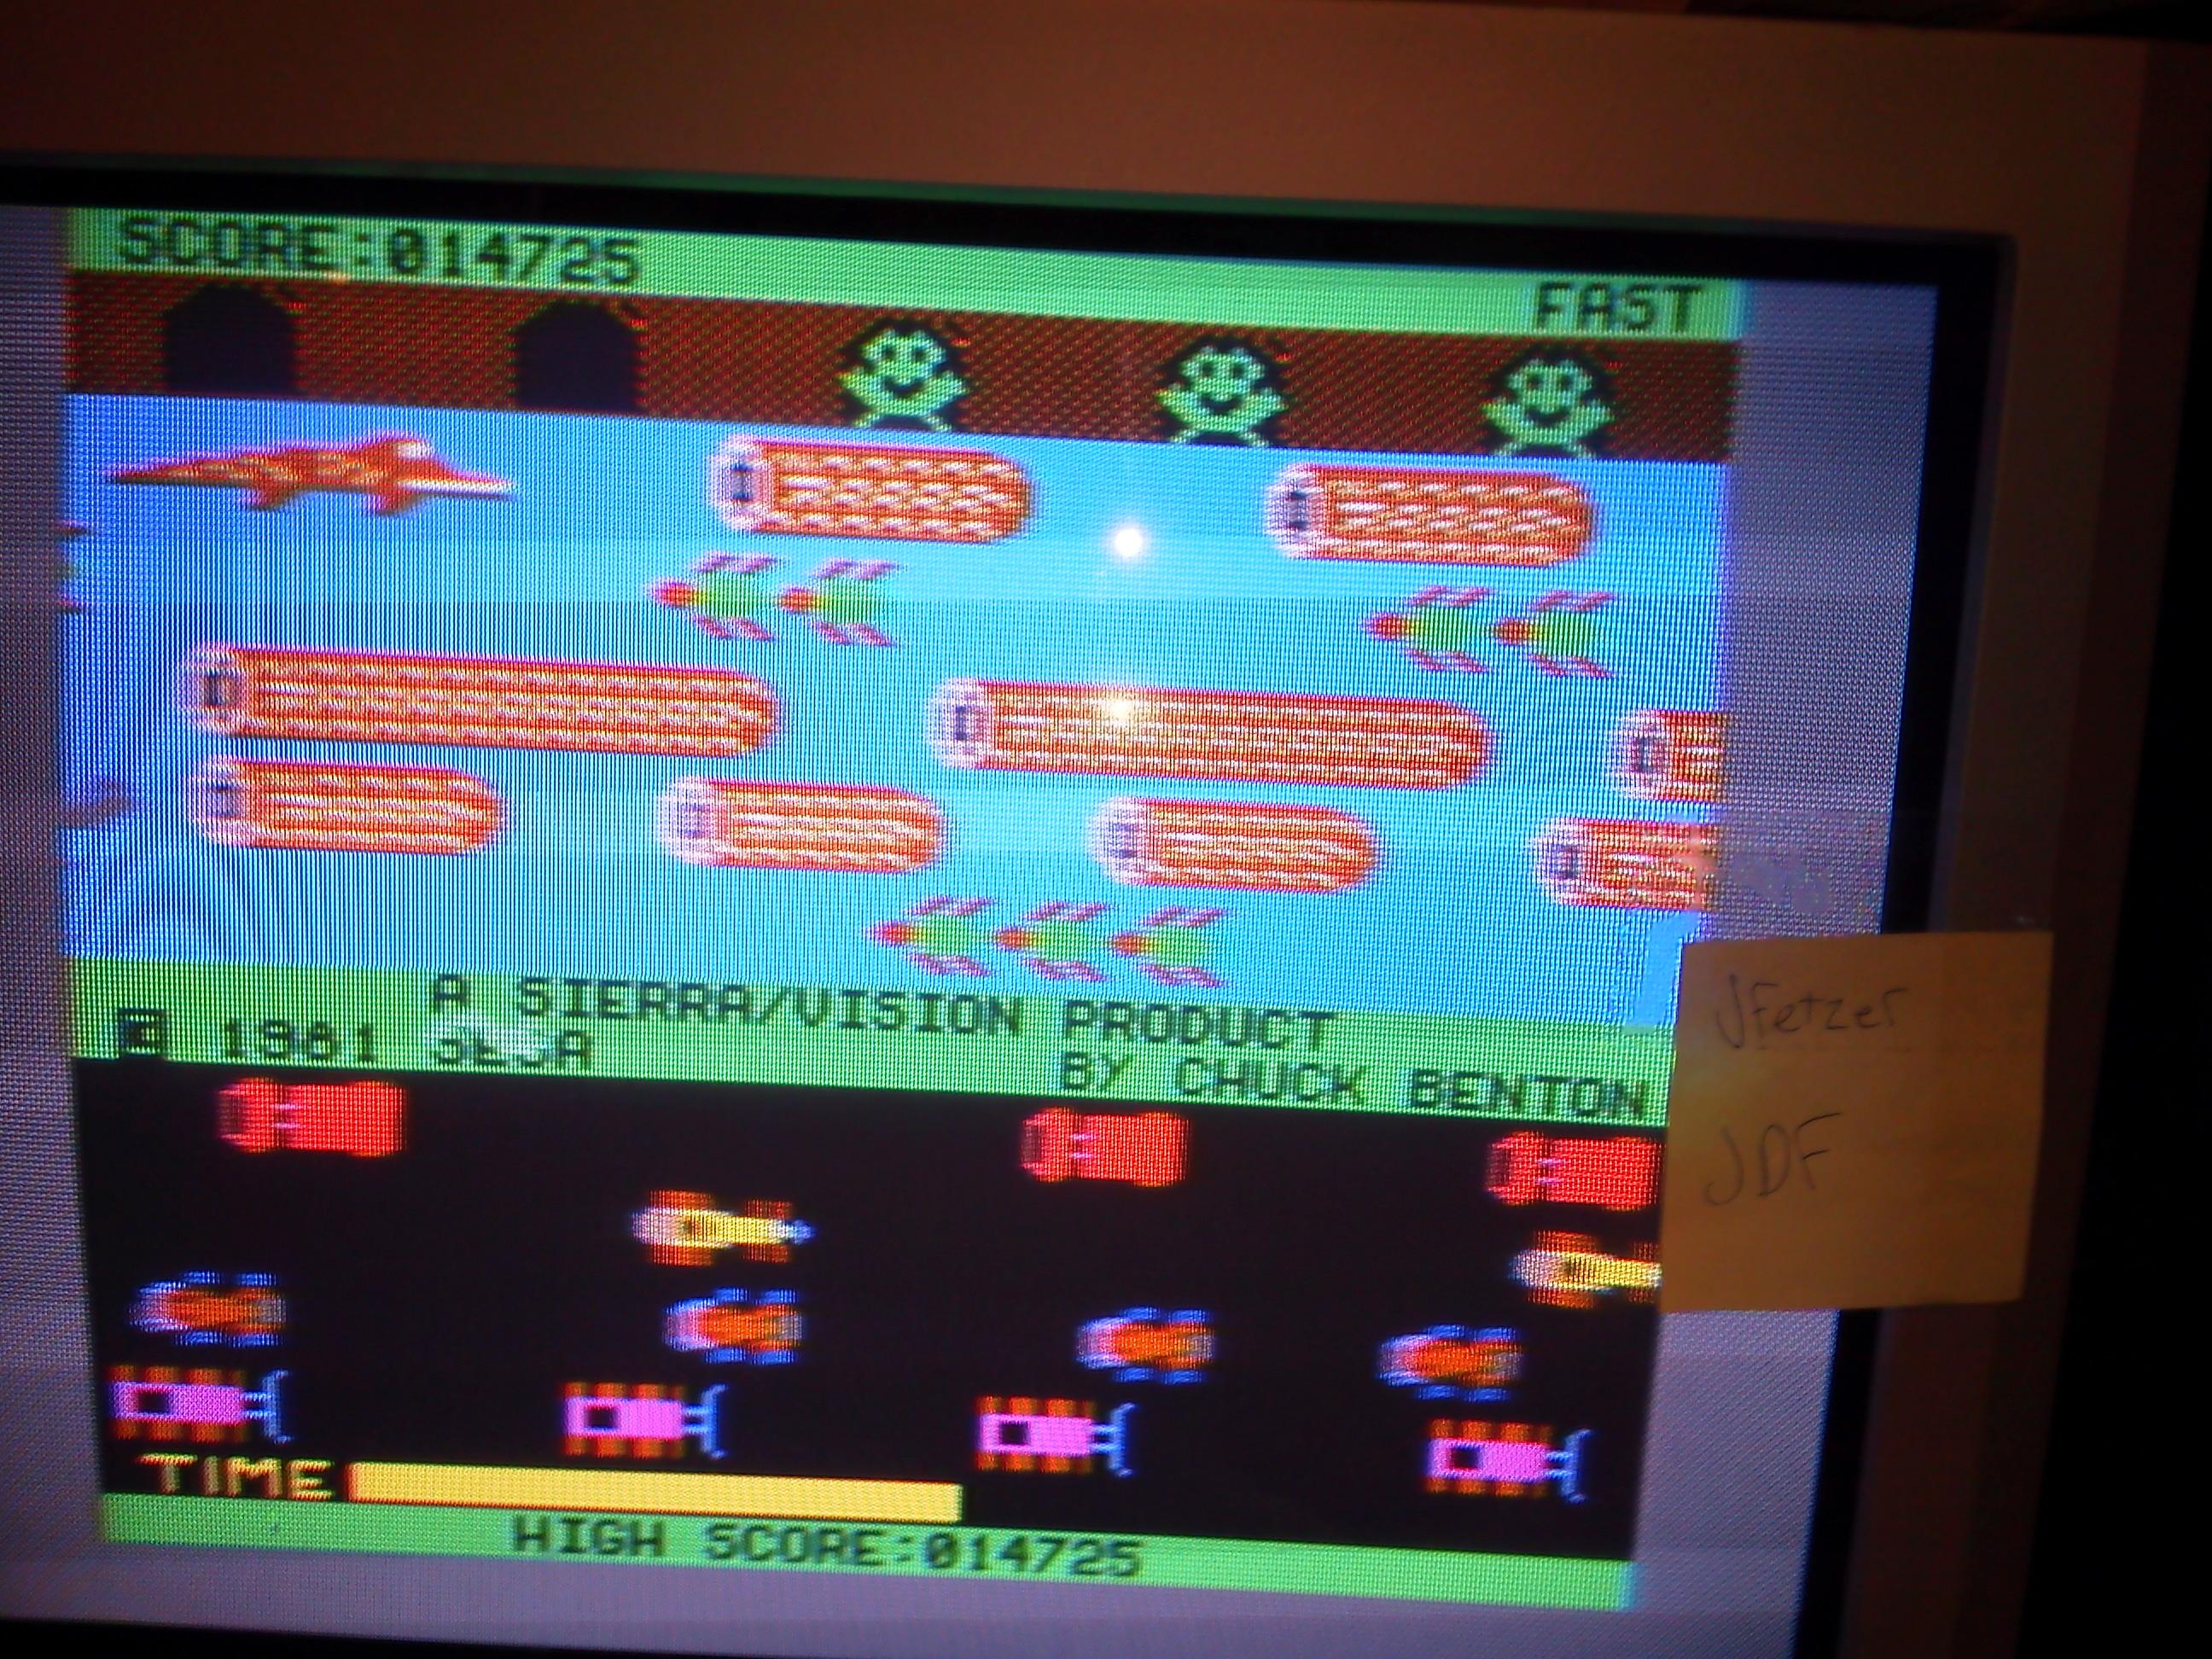 Frogger: Sierra 14,725 points